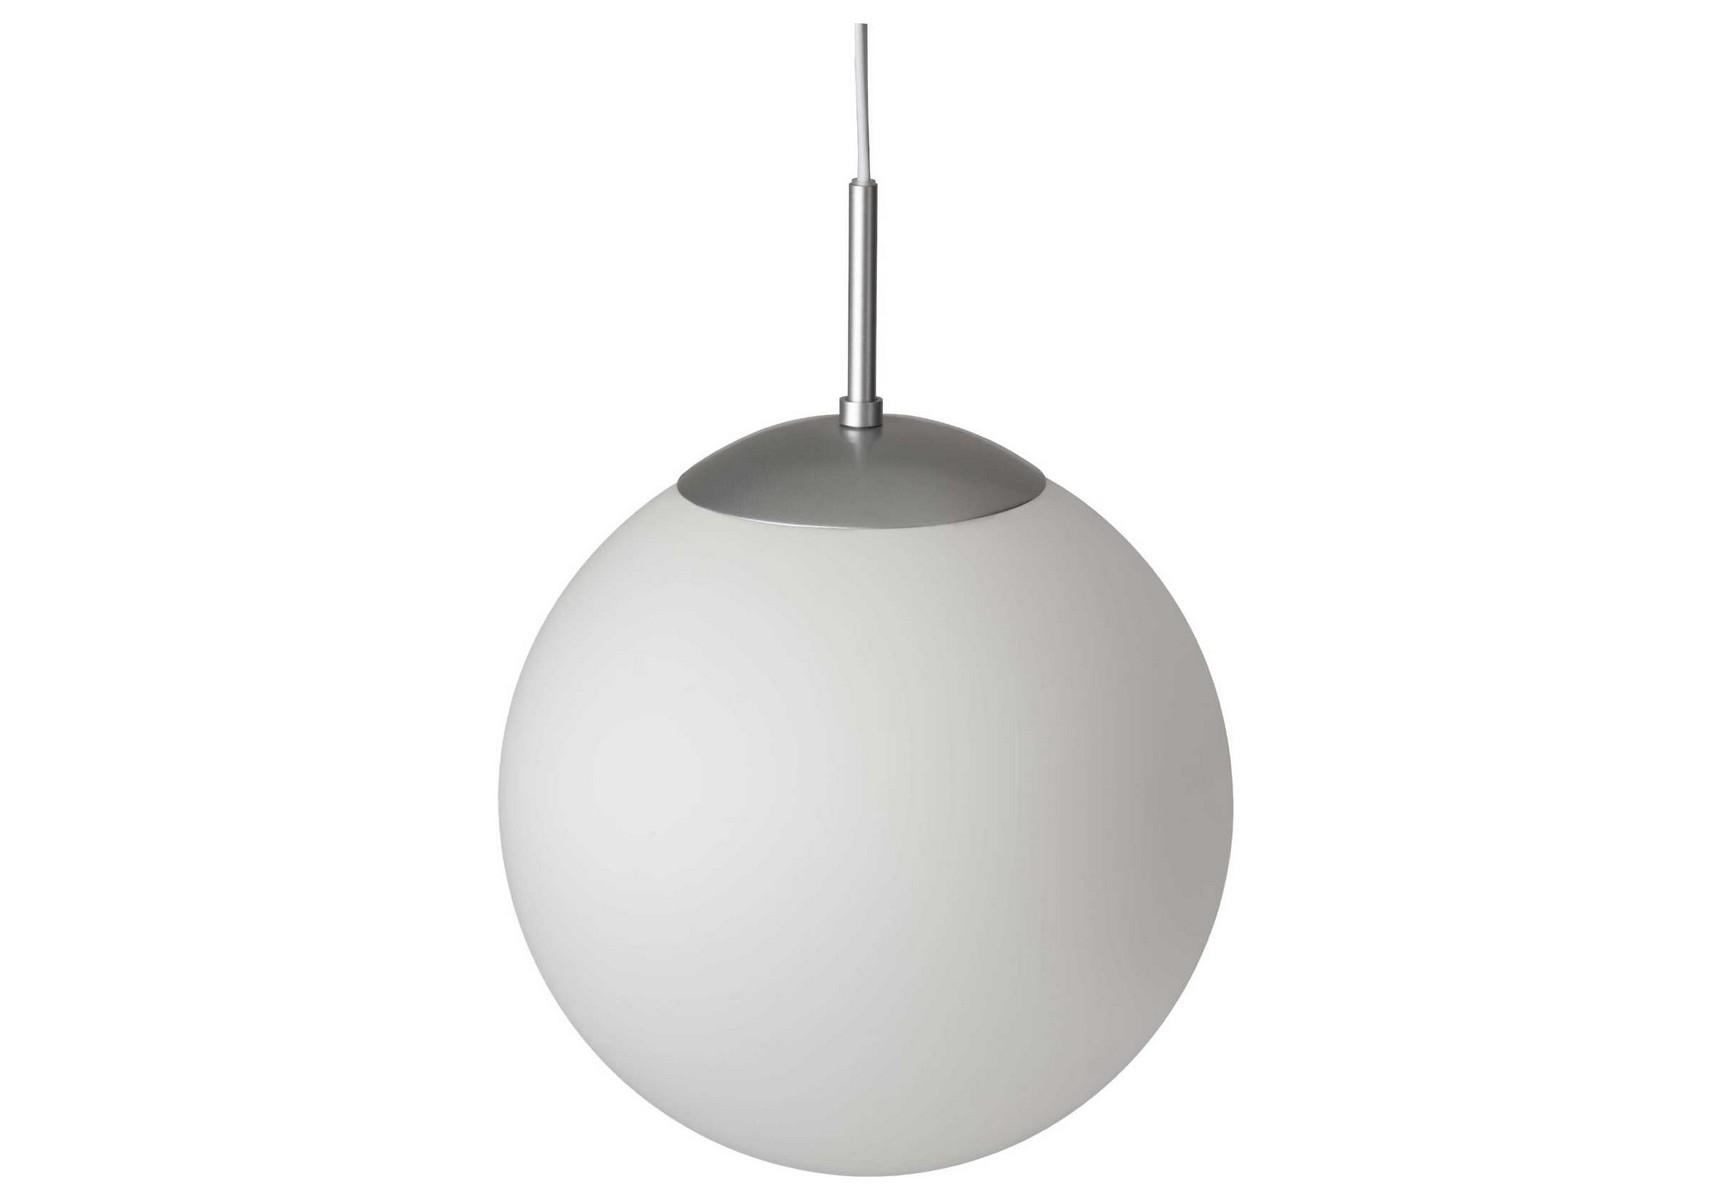 Светильник потолочный FantasiaПодвесные светильники<br>Вид цоколя: E27&amp;amp;nbsp;&amp;lt;div&amp;gt;Количество ламп: 1&amp;amp;nbsp;&amp;lt;/div&amp;gt;&amp;lt;div&amp;gt;Наличие ламп: отсутствуют&amp;amp;nbsp;&amp;lt;/div&amp;gt;&amp;lt;div&amp;gt;Мощность лампы: 60W&amp;lt;/div&amp;gt;&amp;lt;div&amp;gt;Высота регулируется от 30 до 100 см&amp;lt;/div&amp;gt;<br><br>Material: Стекло<br>Height см: 30<br>Diameter см: 20